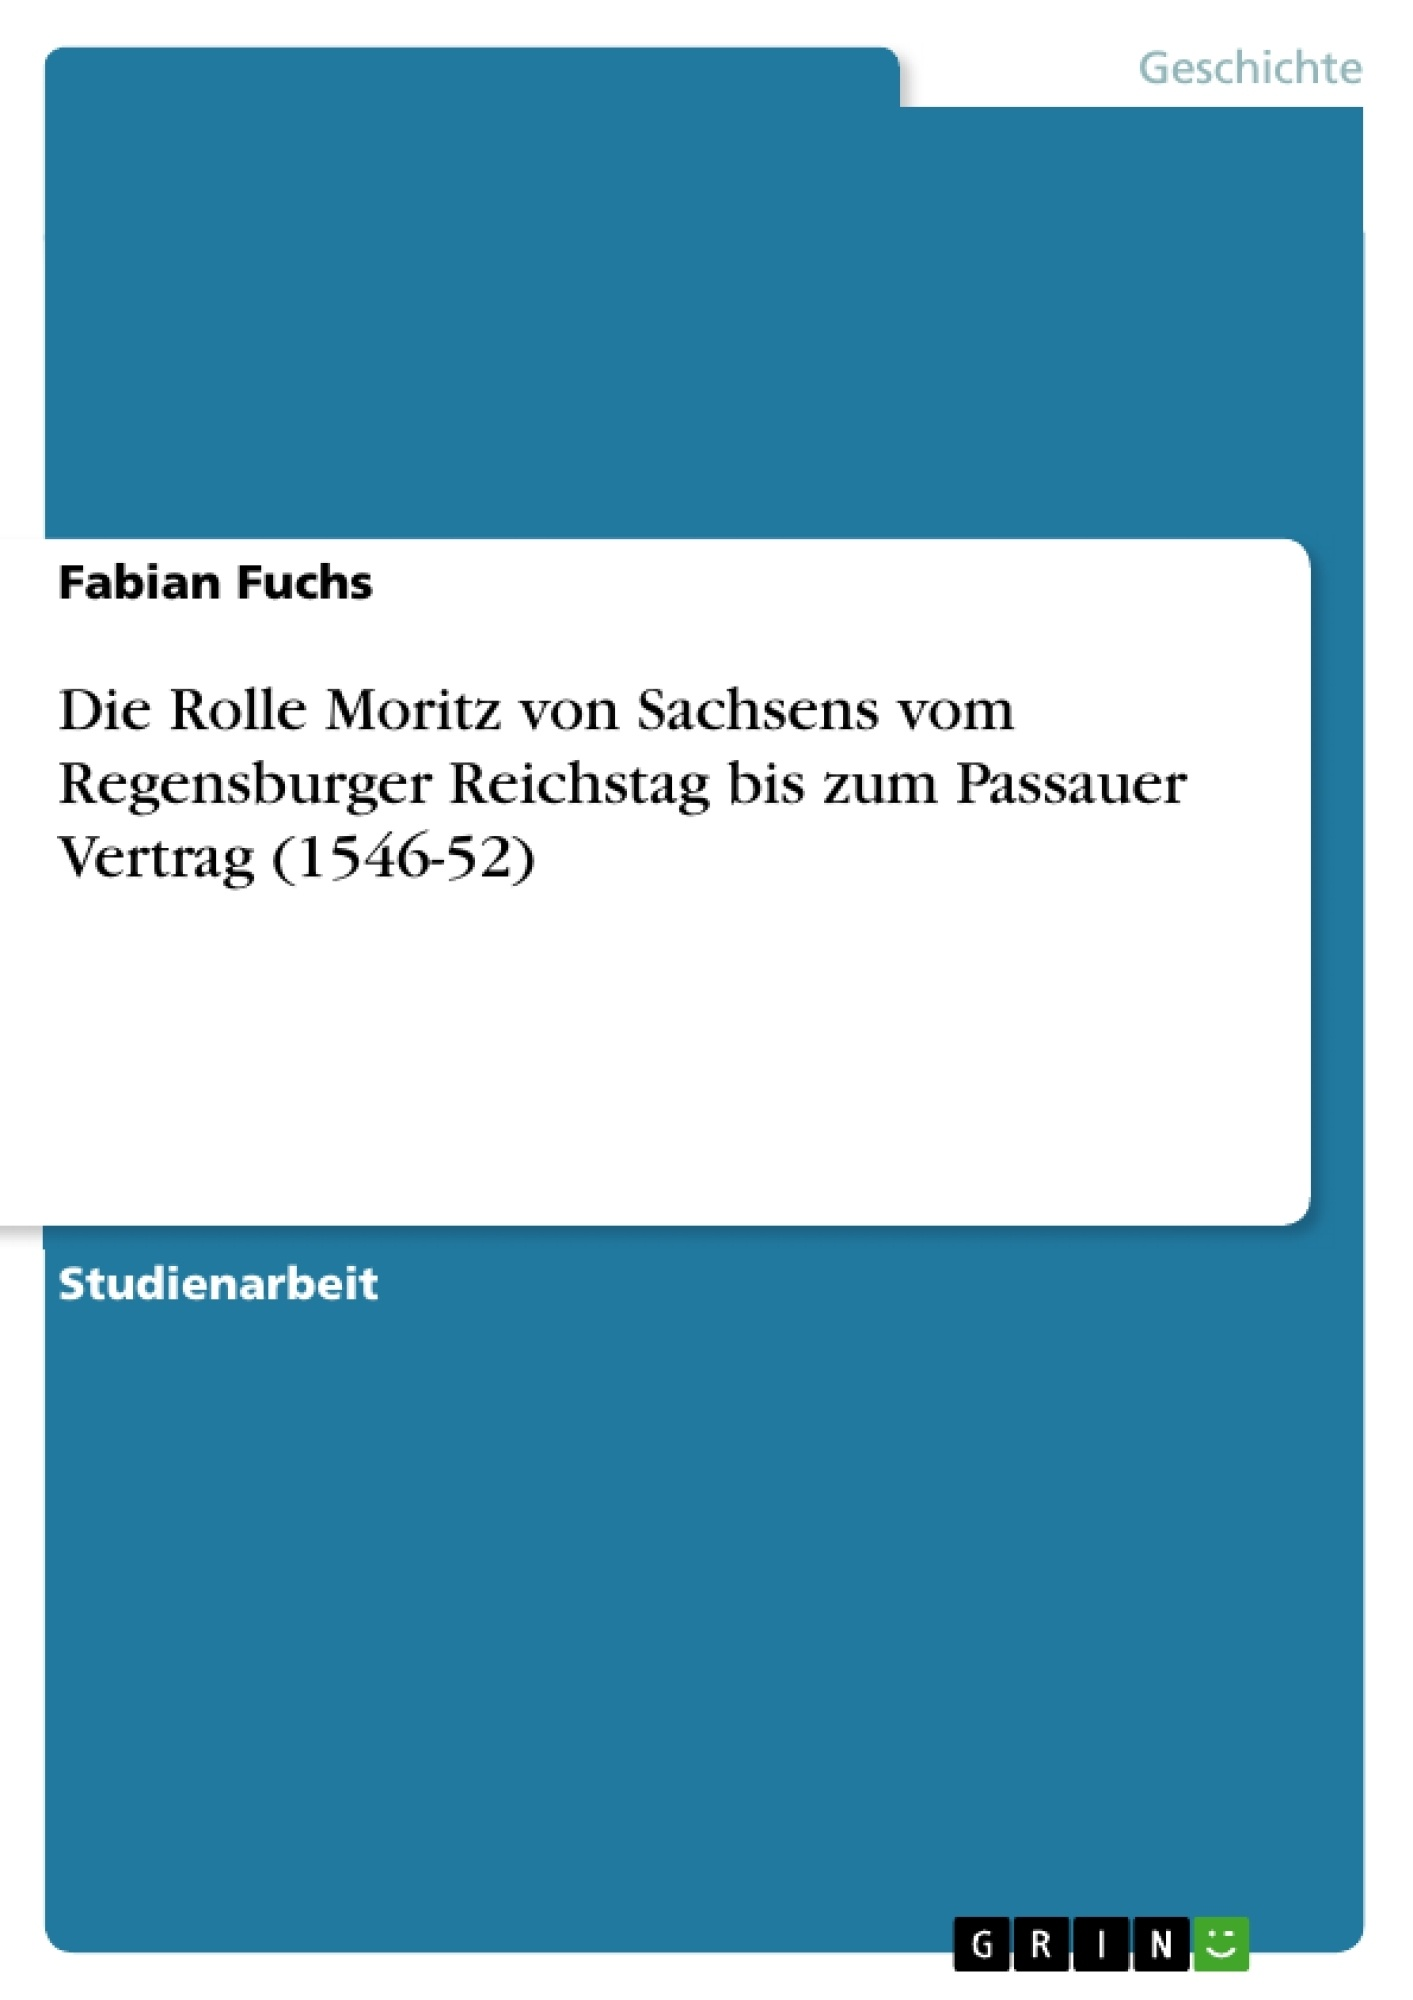 Titel: Die Rolle Moritz von Sachsens vom Regensburger Reichstag bis zum Passauer Vertrag (1546-52)